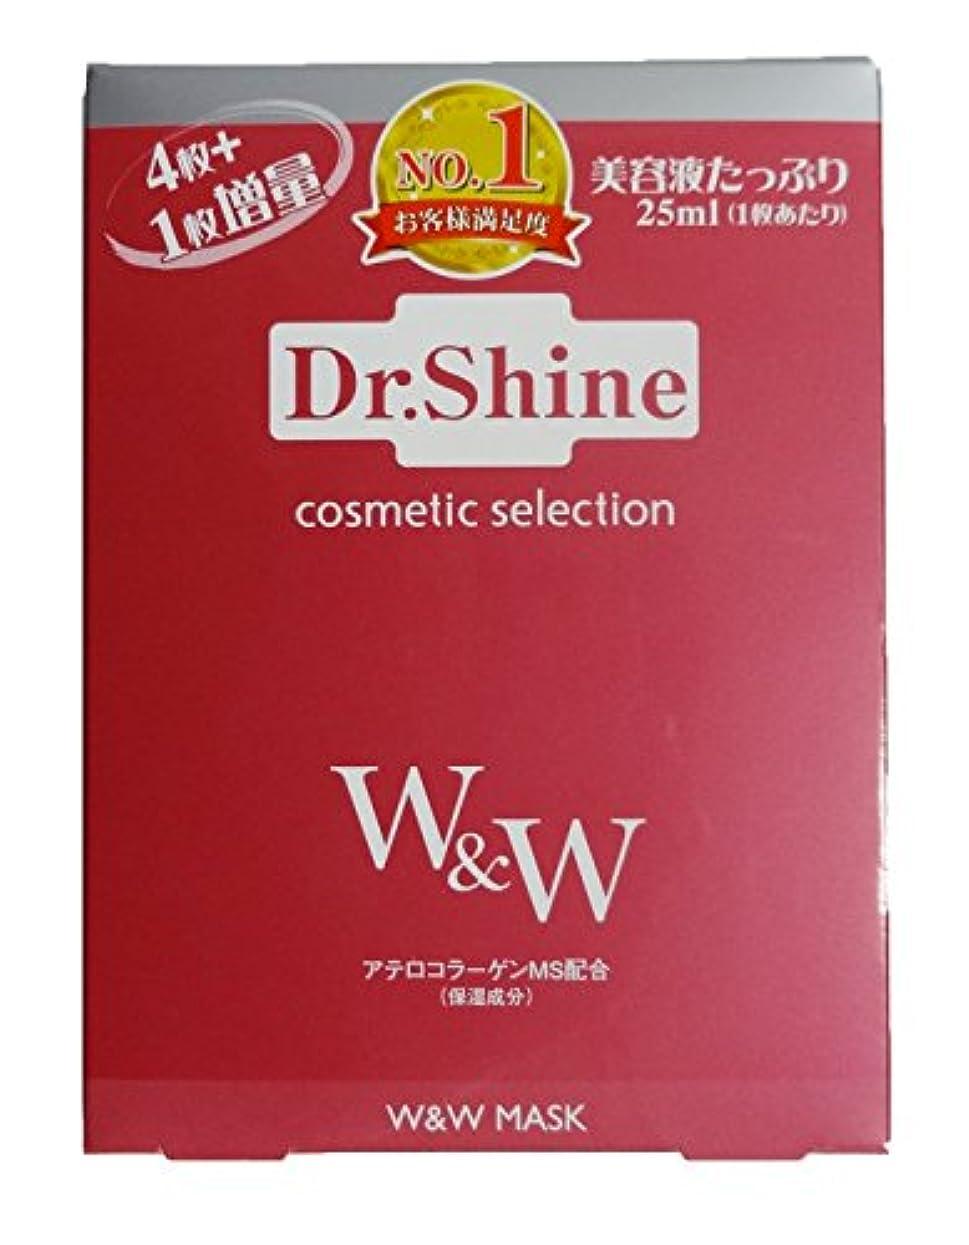 驚くべきフェードアウト文句を言うDr.Shine(ドクターシャイン) フェイスマスクW&W 5枚入